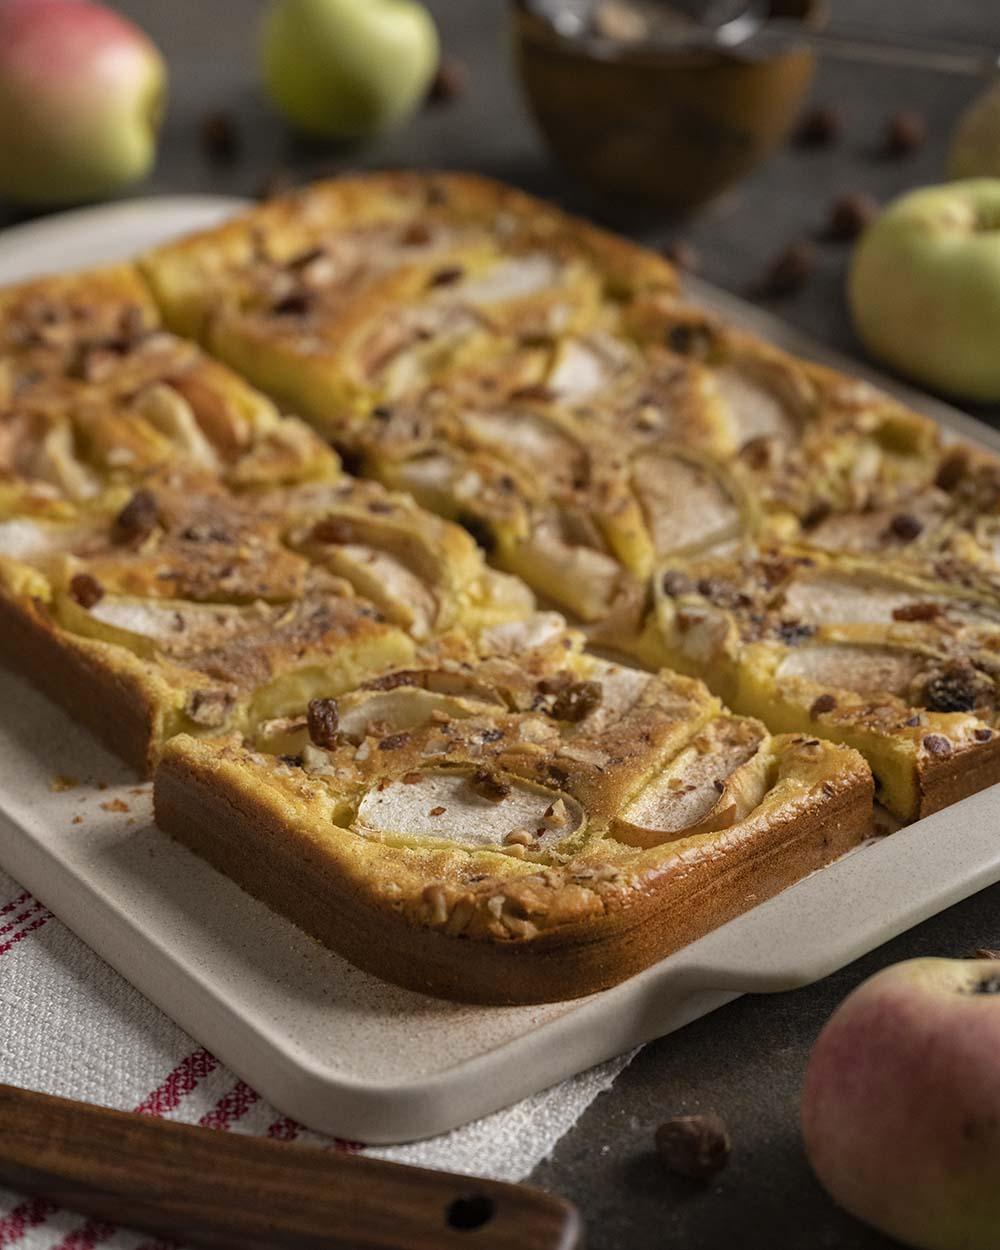 Die Servierplatte steht auf unserem Tisch. Darauf liegt der angeschnittene Apfelpfannkuchen, den wir im Ofen gebacken haben. Neben der Platte liegt ein Küchenhandtuch und ein Heber, mit dem wir gleich ein Stück Pfannkuchen von der Platte heben.